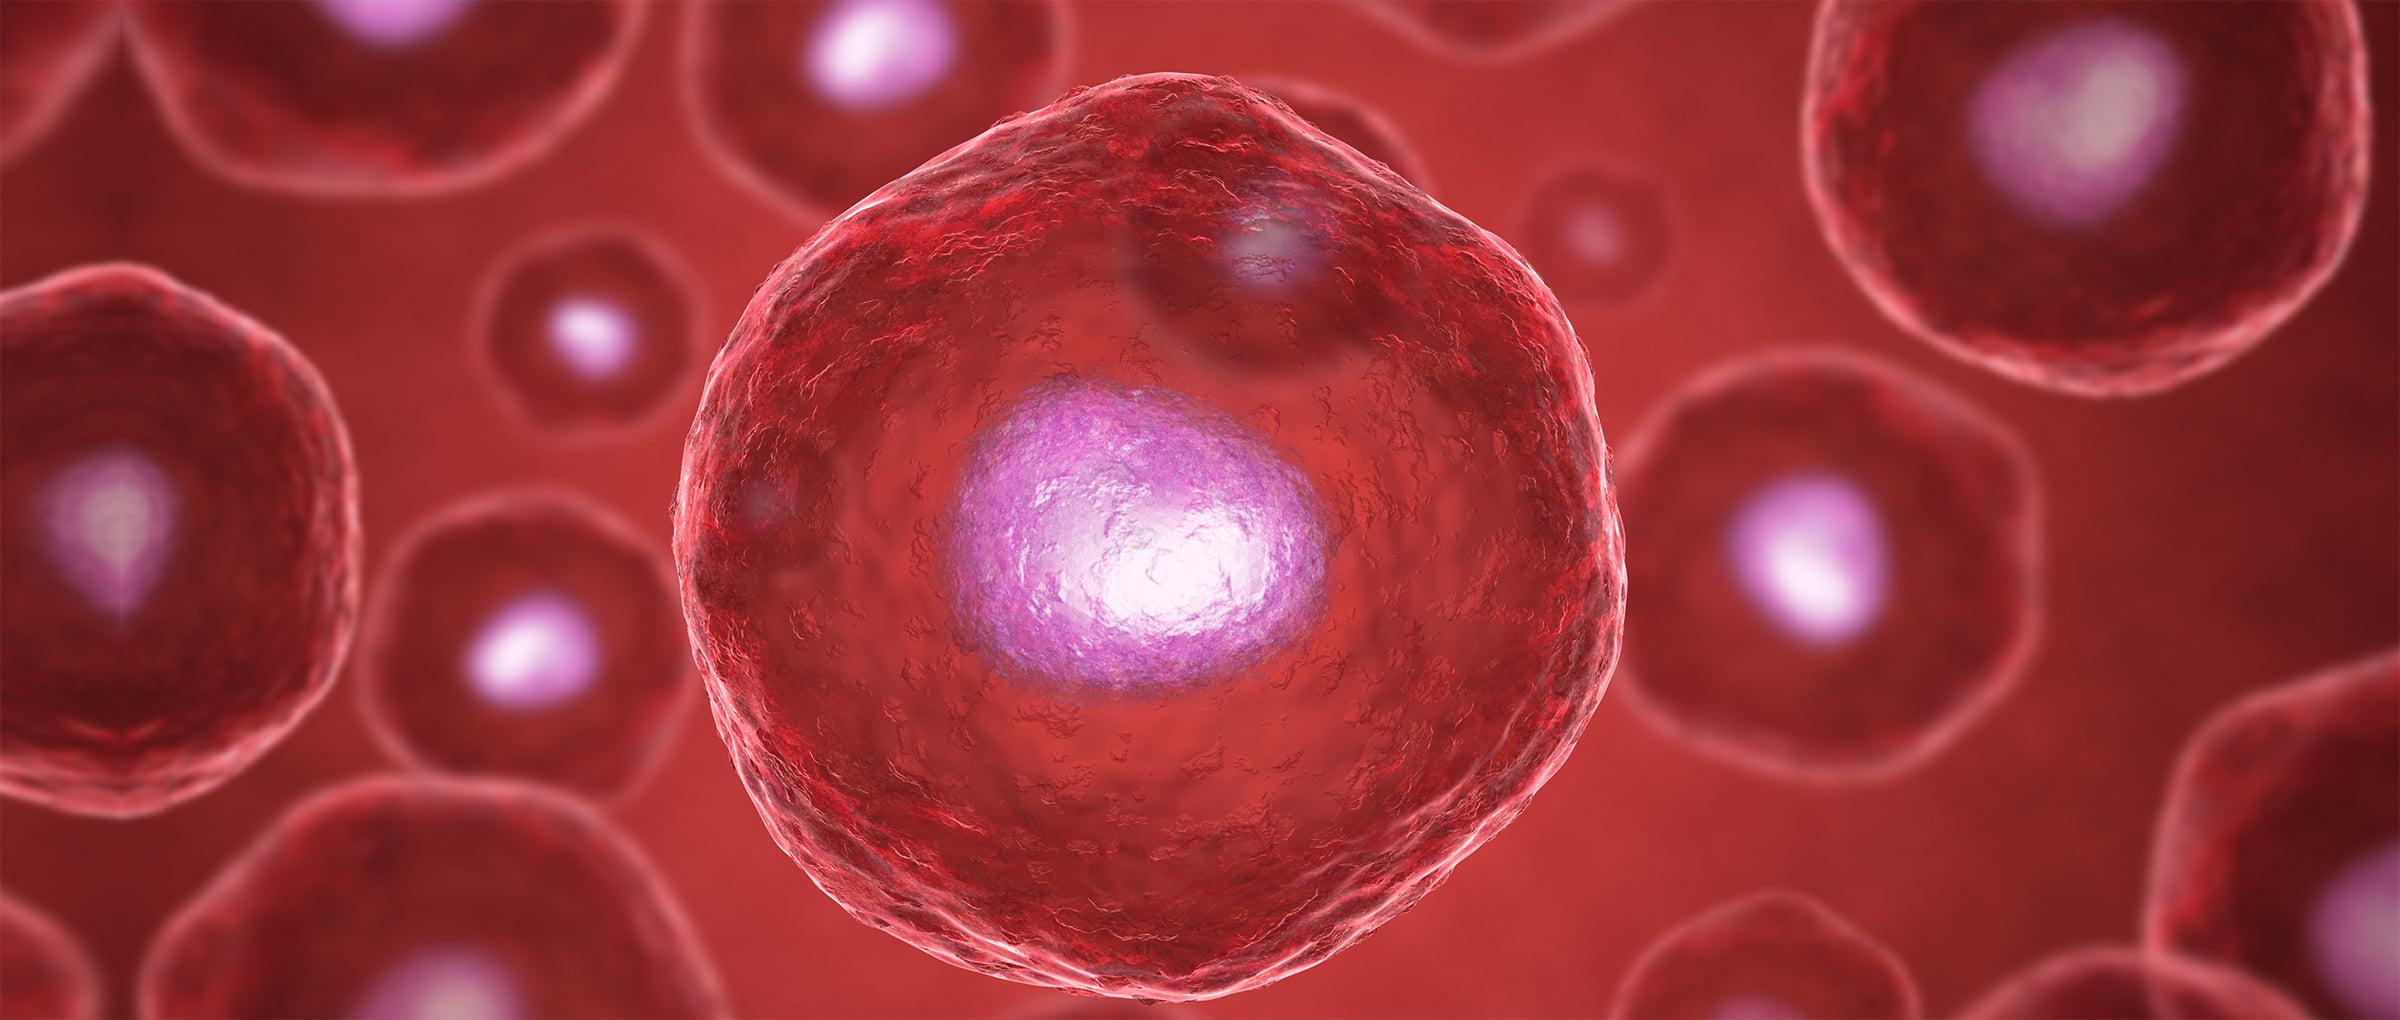 Vitrifier les embryons surnuméraires